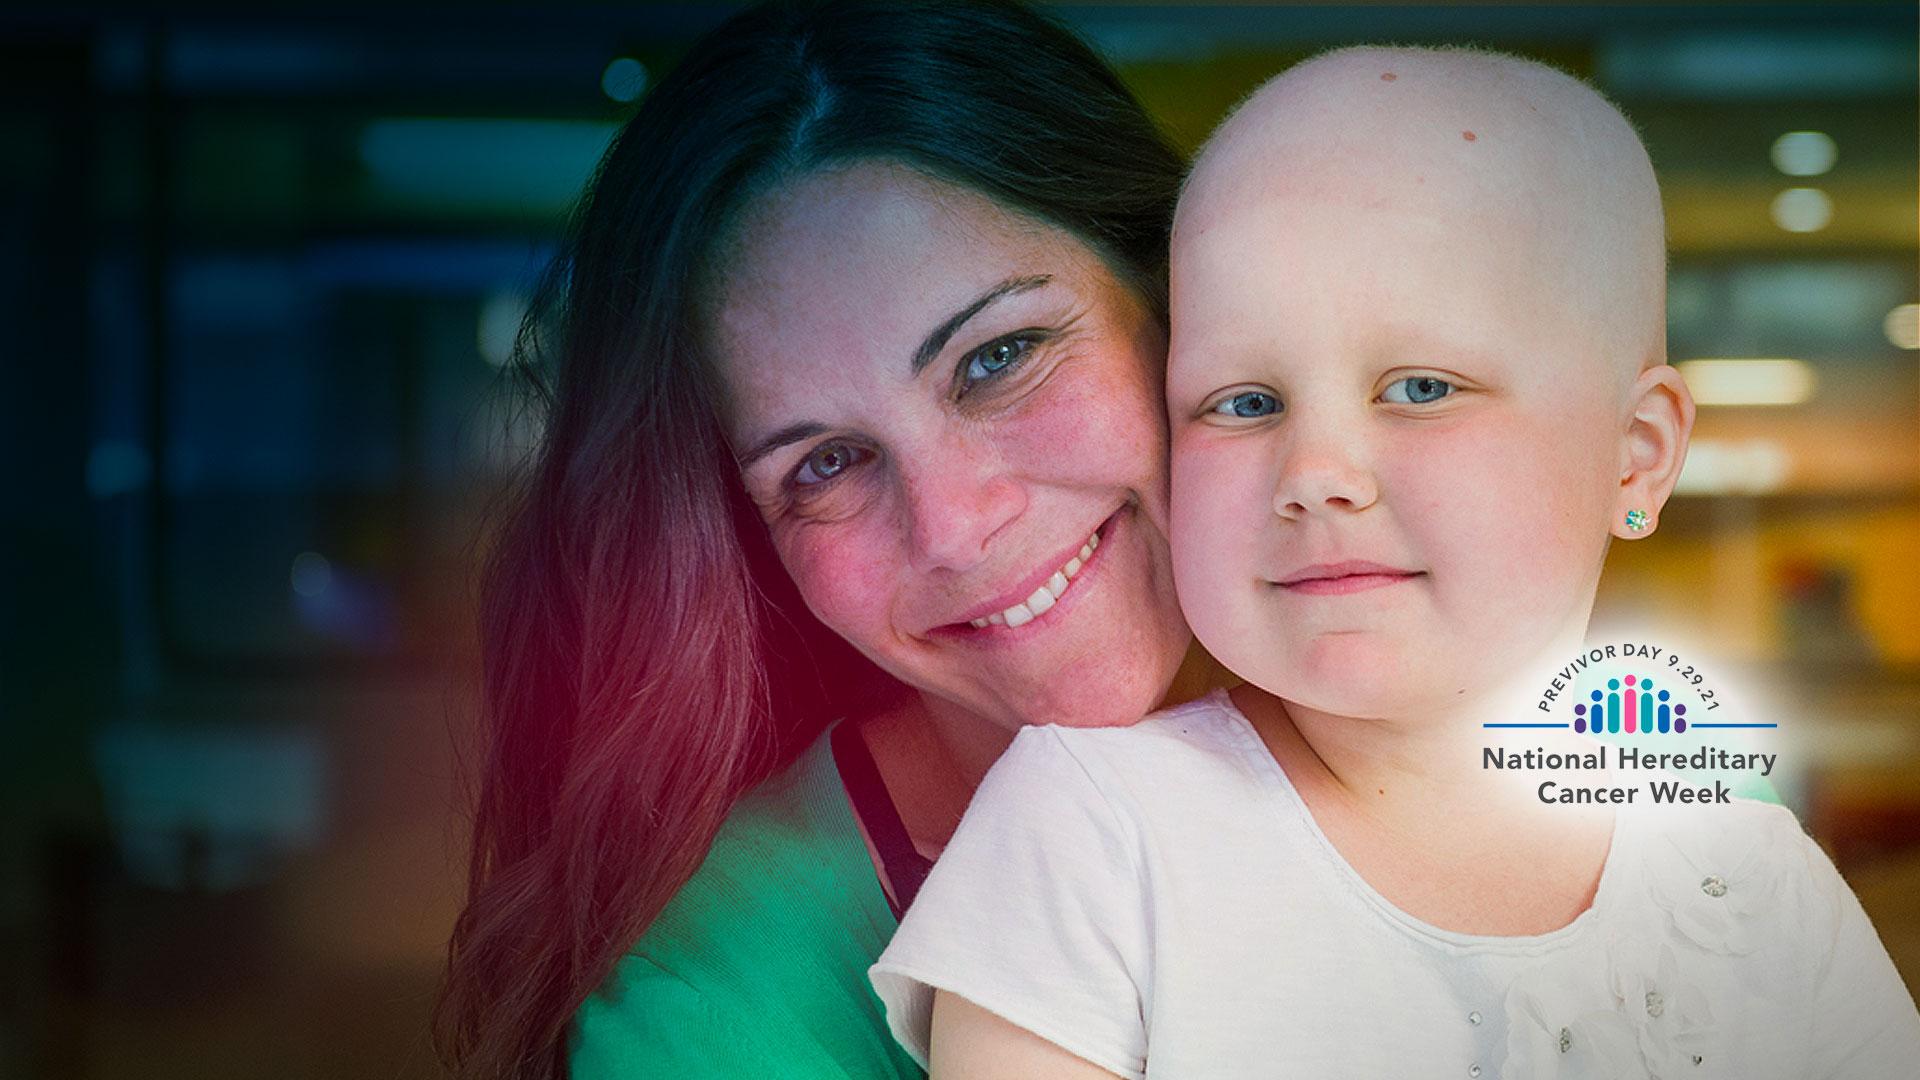 National Hereditary Cancer Week